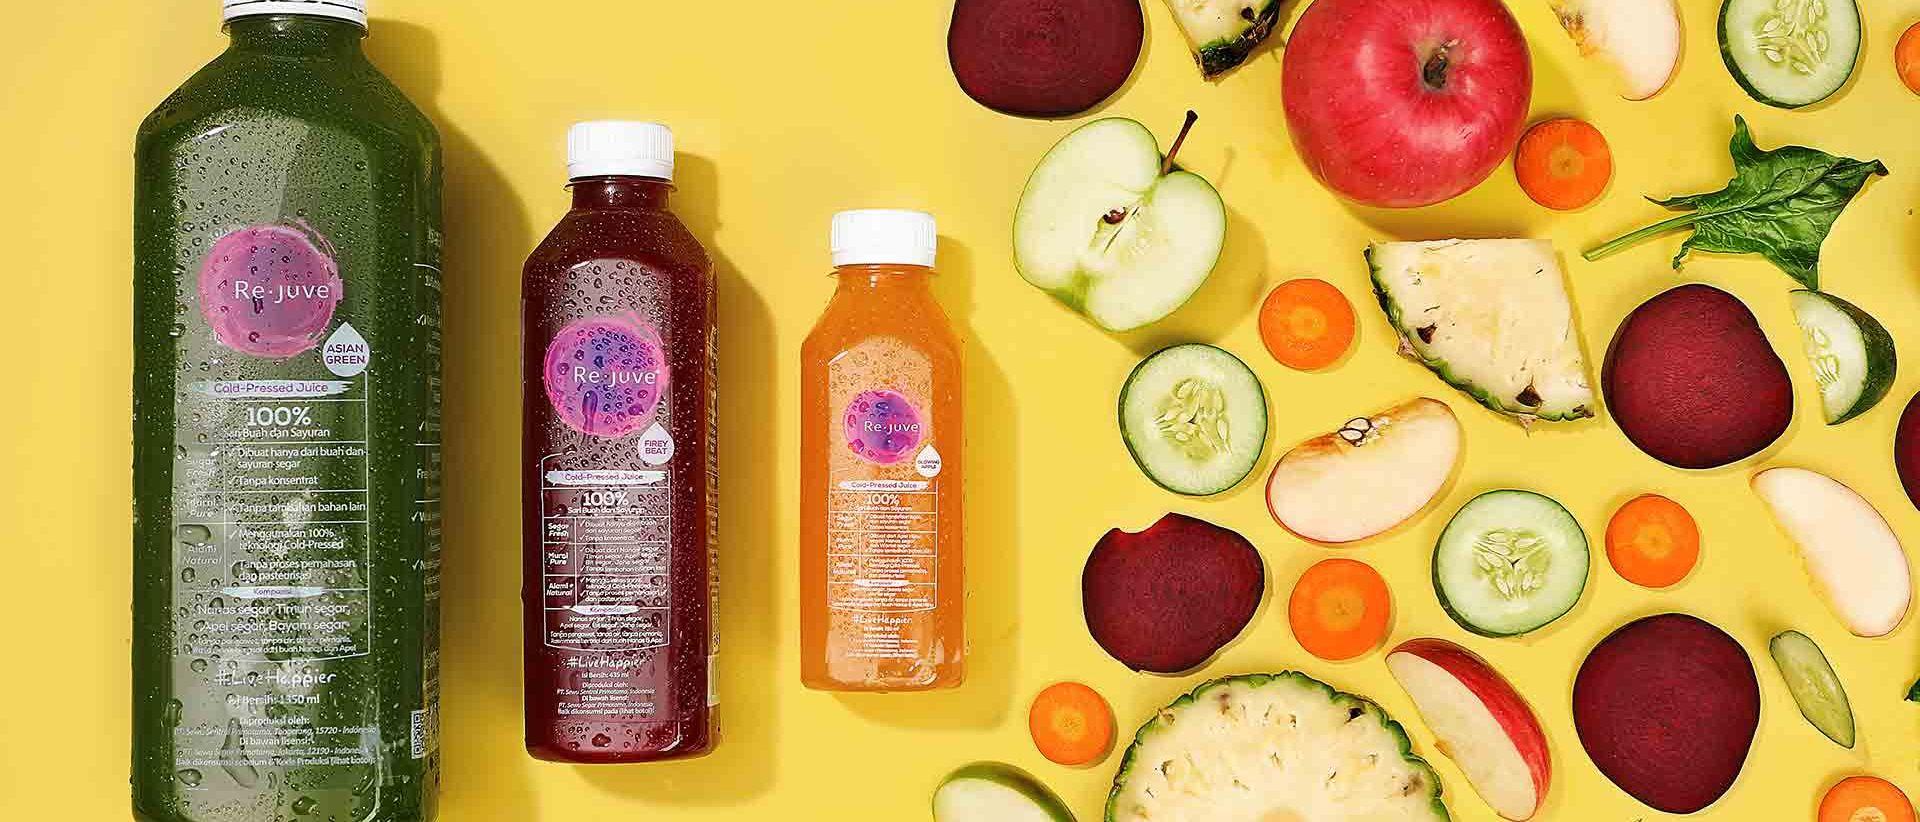 Newly Launched Cold Pressed Juice Re.juve dengan Ukuran yang Lebih Besar